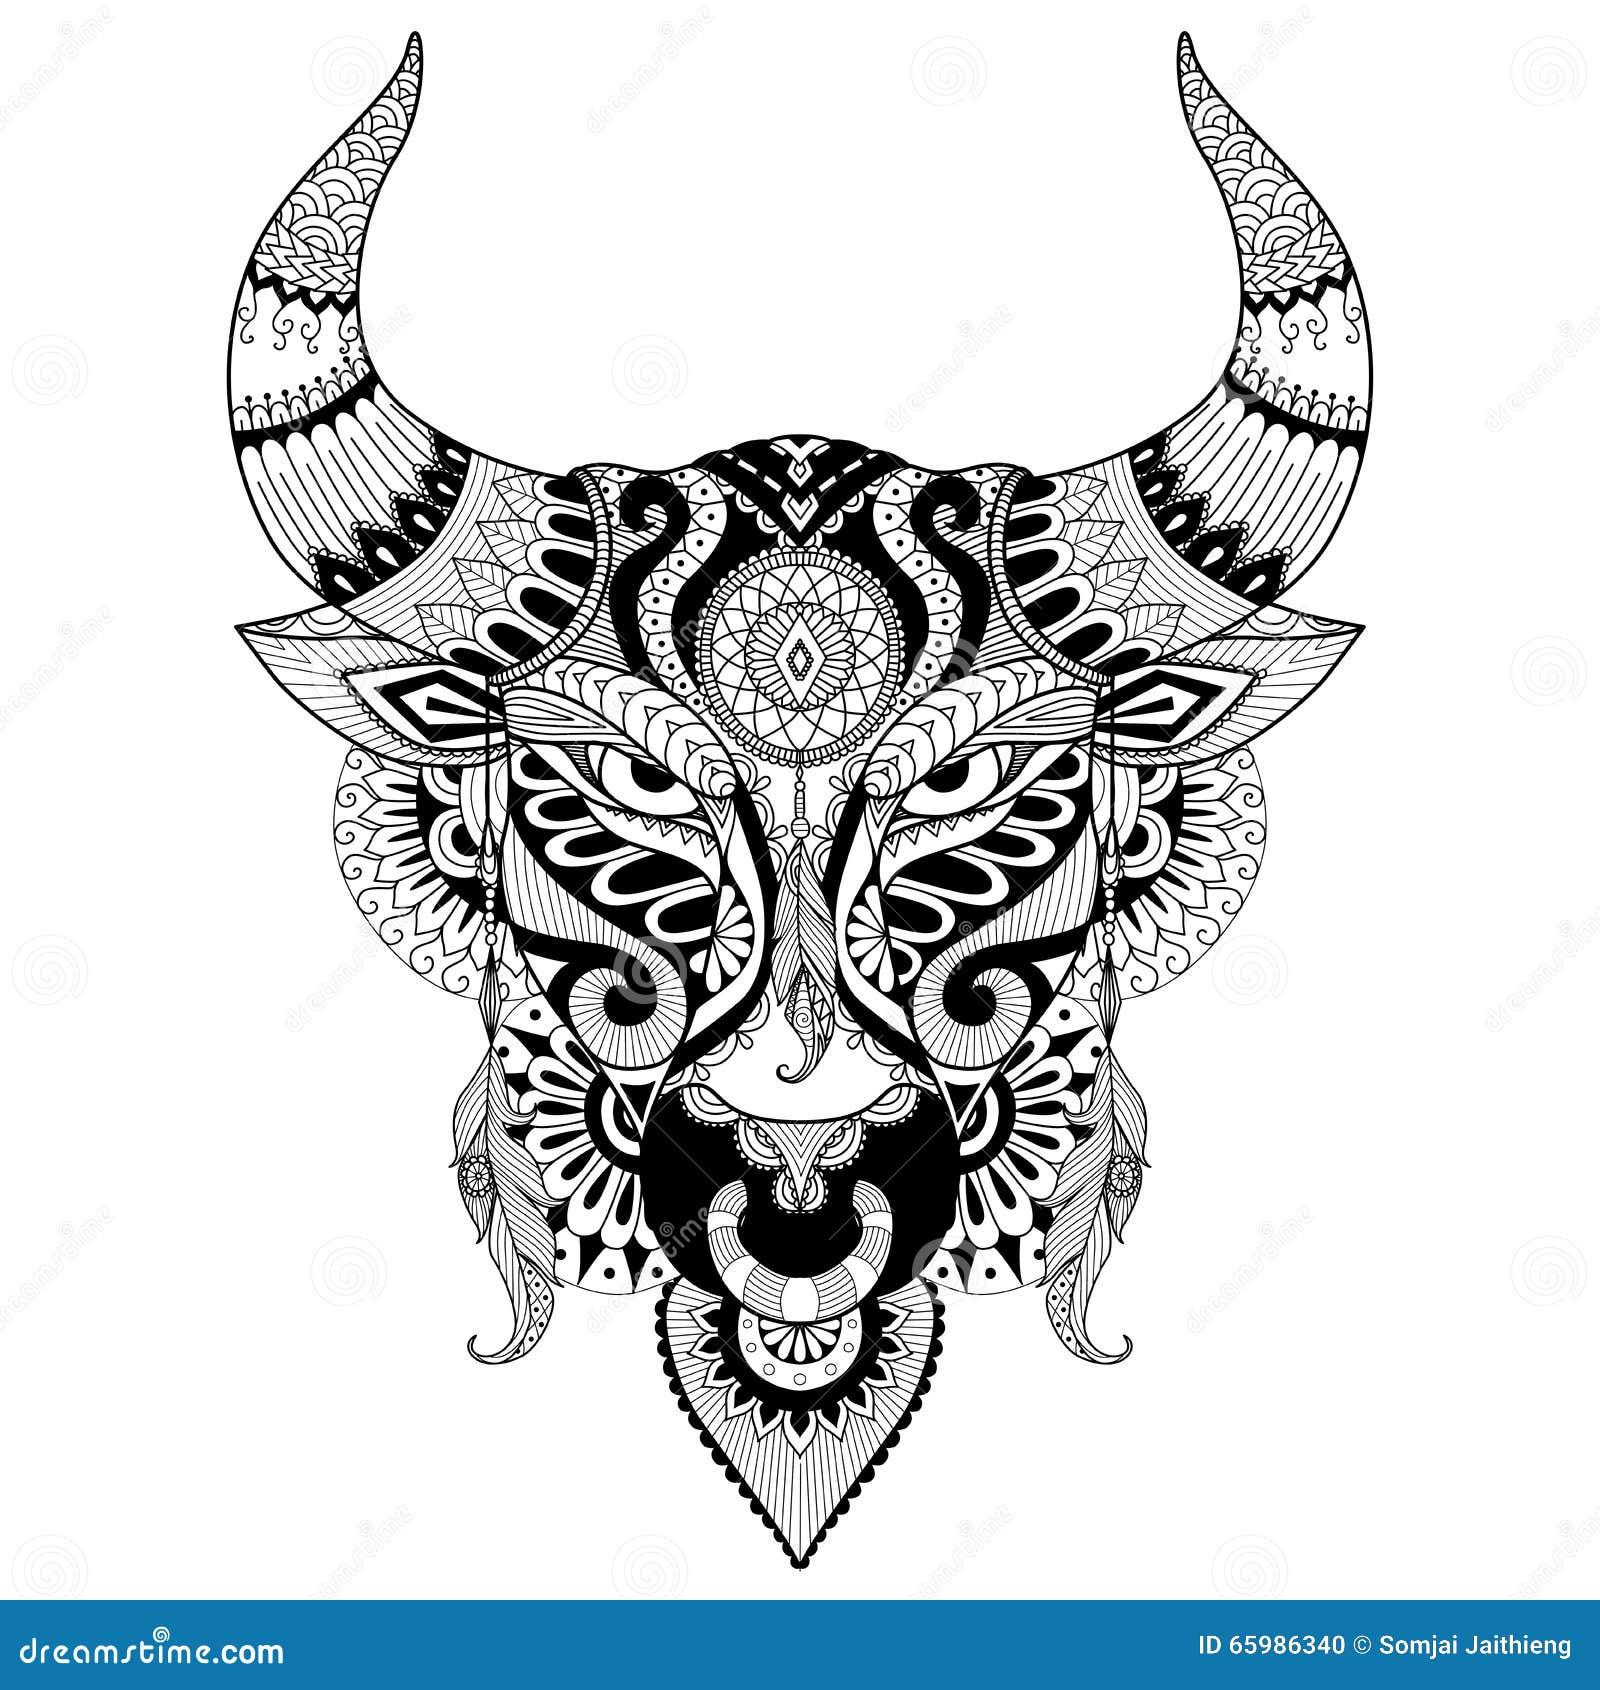 Stag Head Designs Toro Arrabbiato Di Disegno Per Il Libro Da Colorare Per L